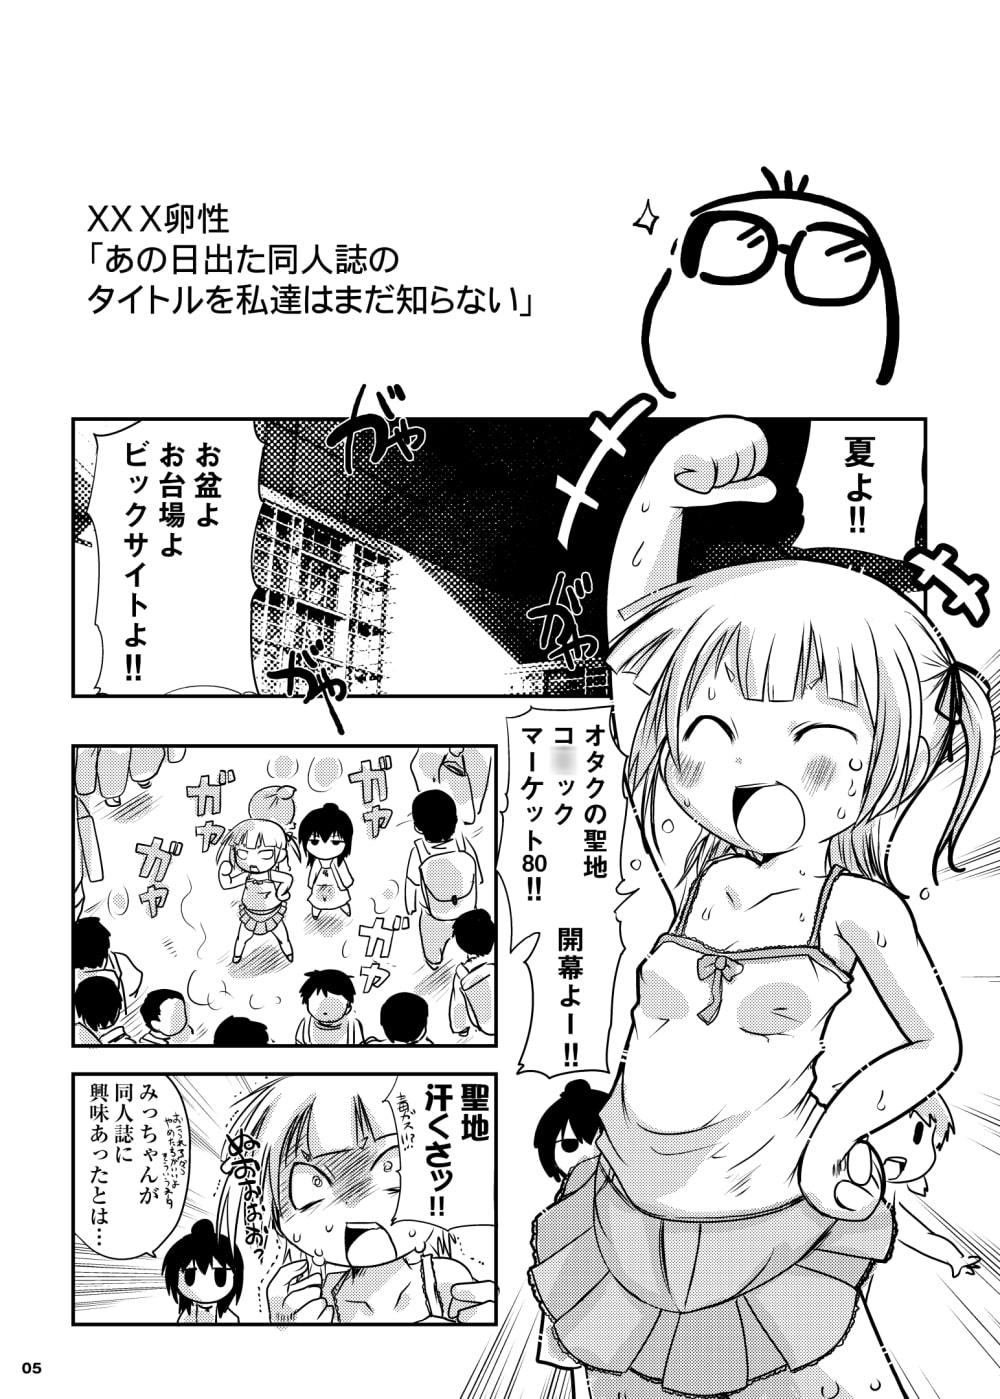 水滴屋み○どもえ同人誌コンプリートアーカイブ9